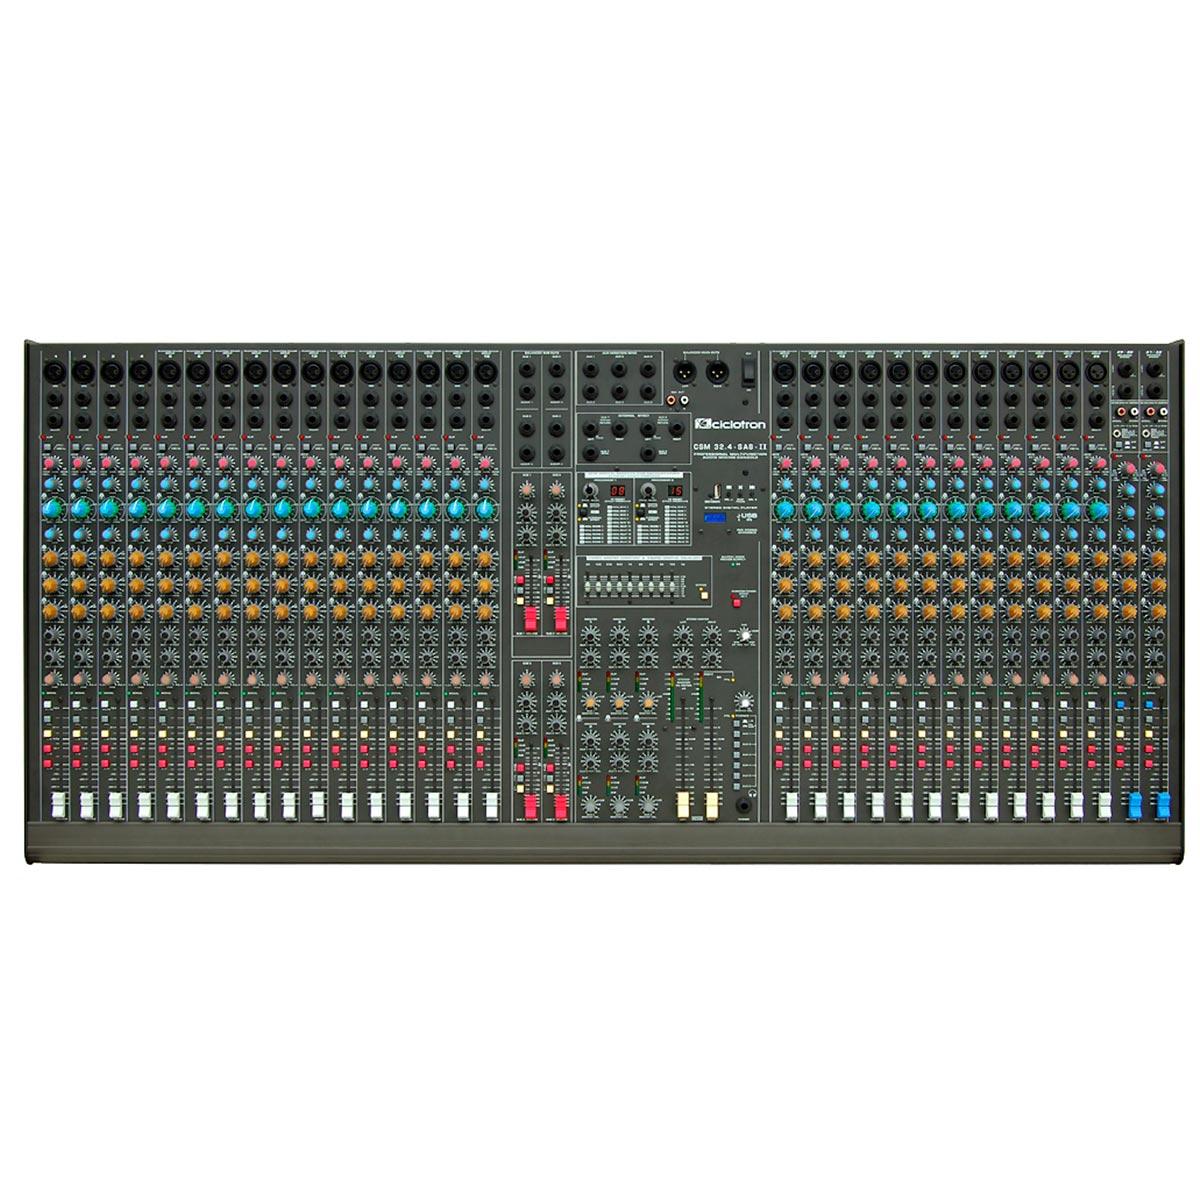 Mesa de Som 32 Canais Balanceados (28 XLR + 4 P10) c/ USB Play / Efeito / Phantom / 8 Auxiliares - CSM 32 4 S A 8 II Ciclotron